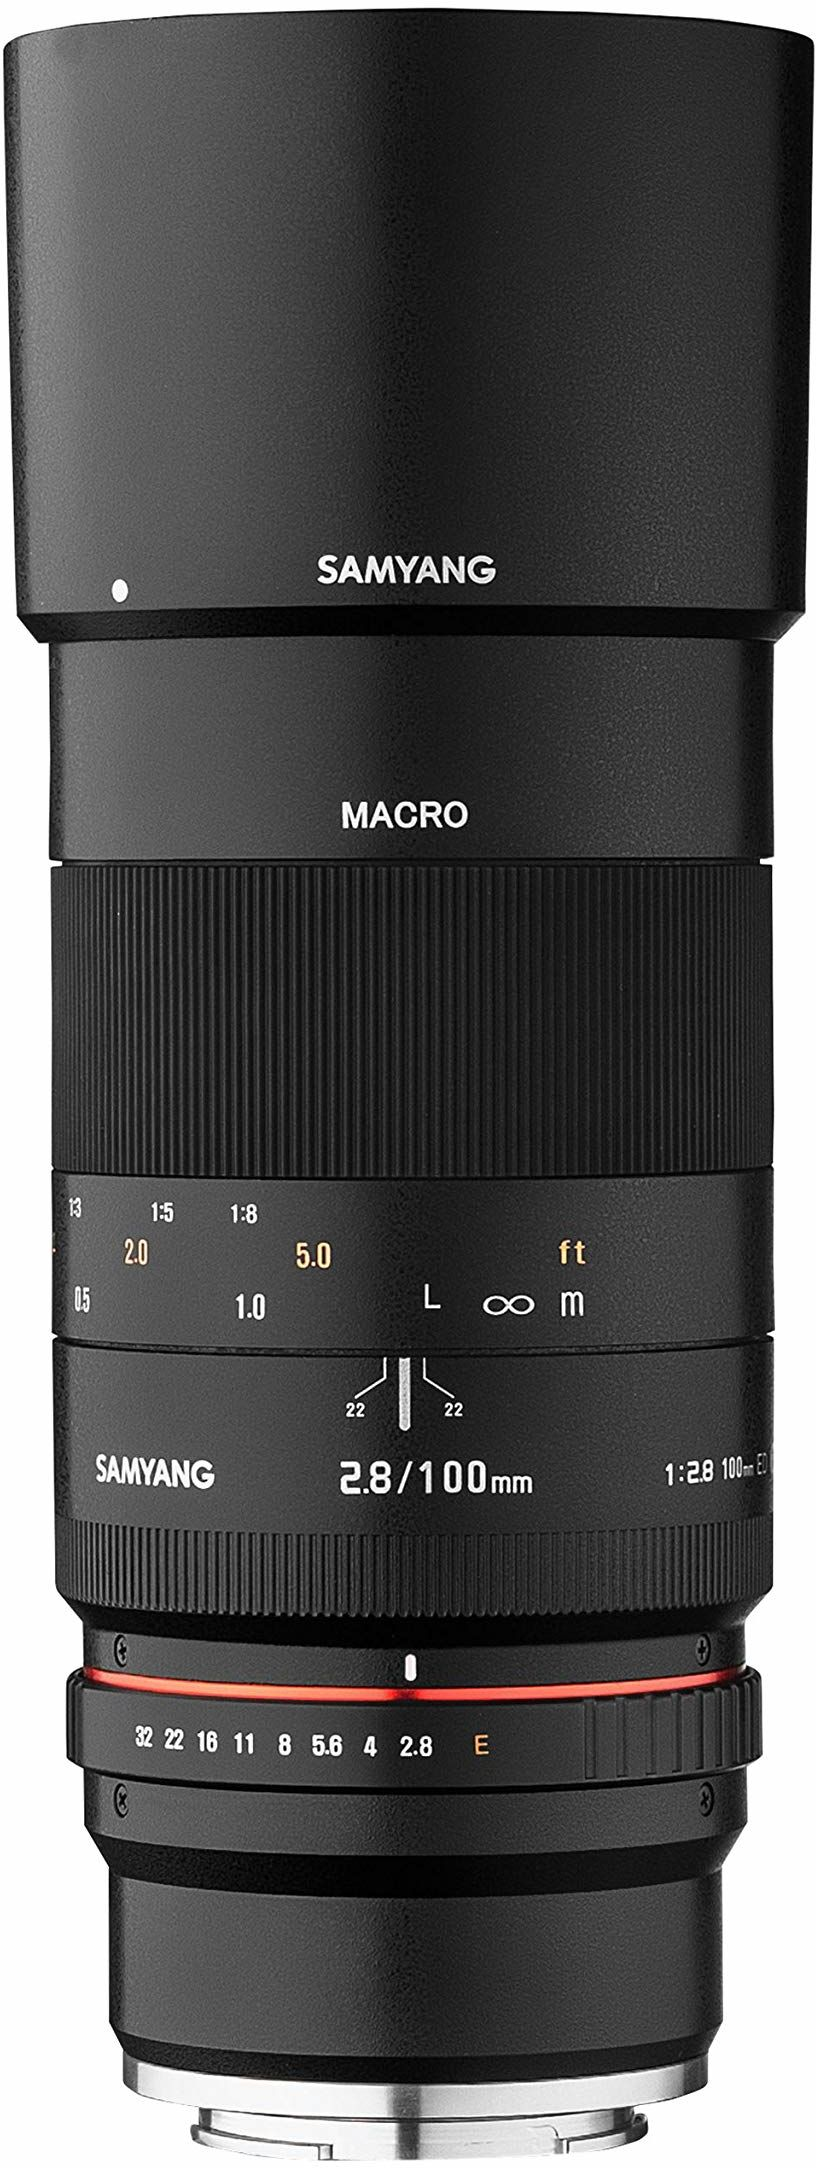 Samyang 100 mm makro F2.8 obiektyw do aparatu Fuji X czarny